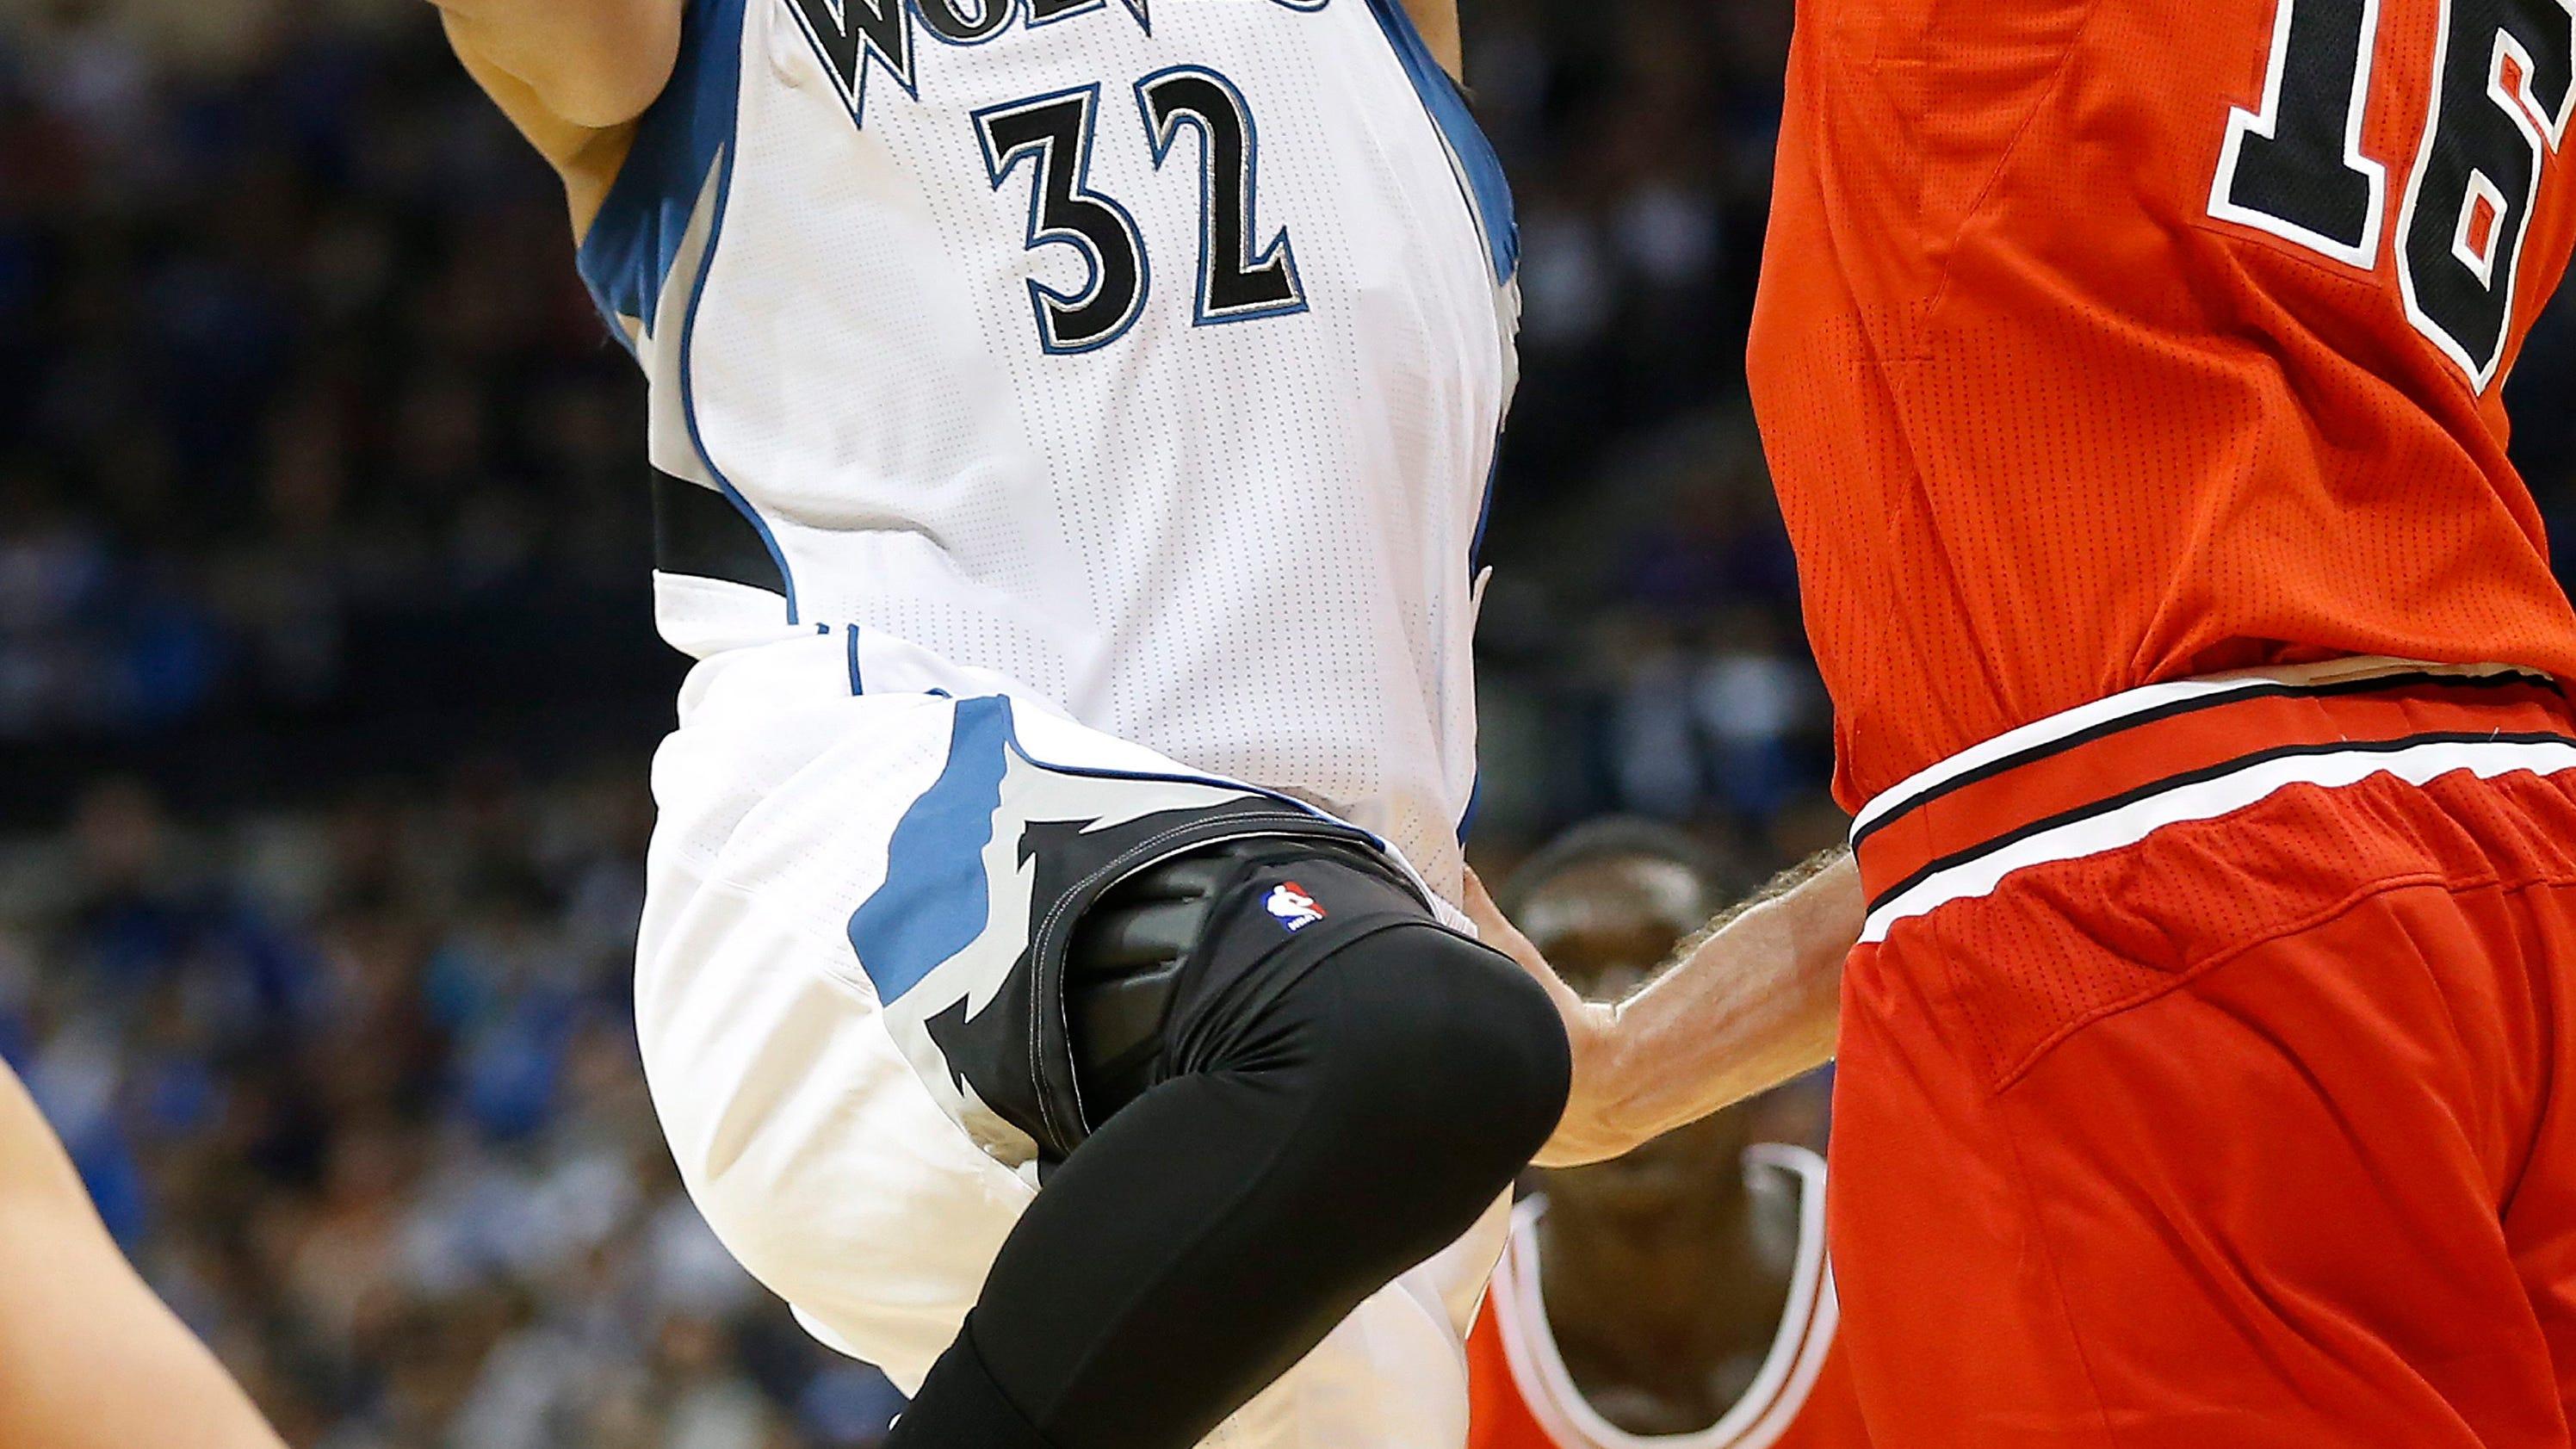 Bulls beat Timberwolves 114-105 in NBA preseason game